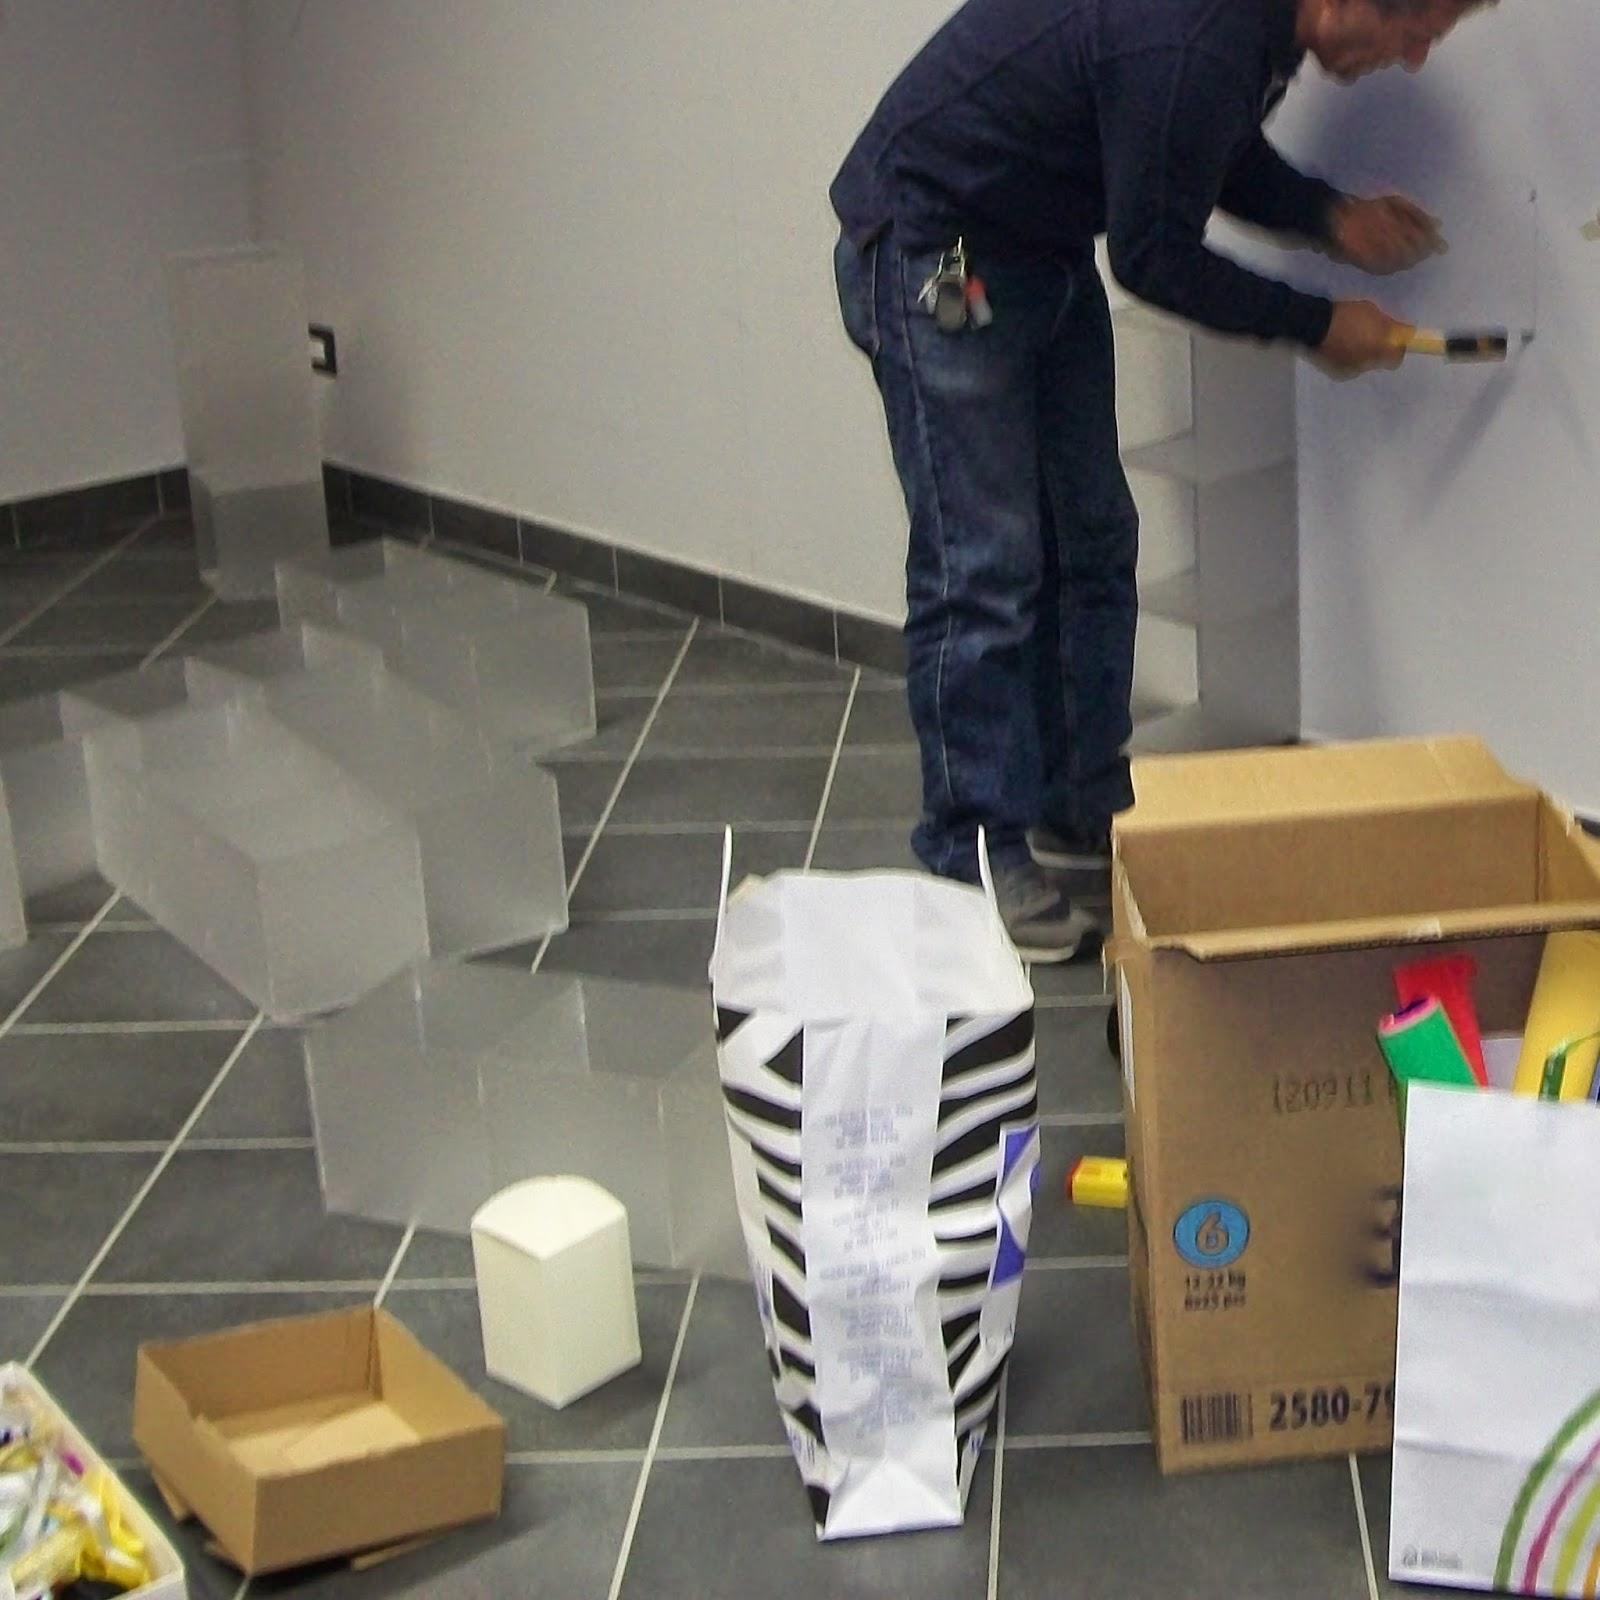 Organizzare lo spazio e arredare con materiali riciclati - Foto 5